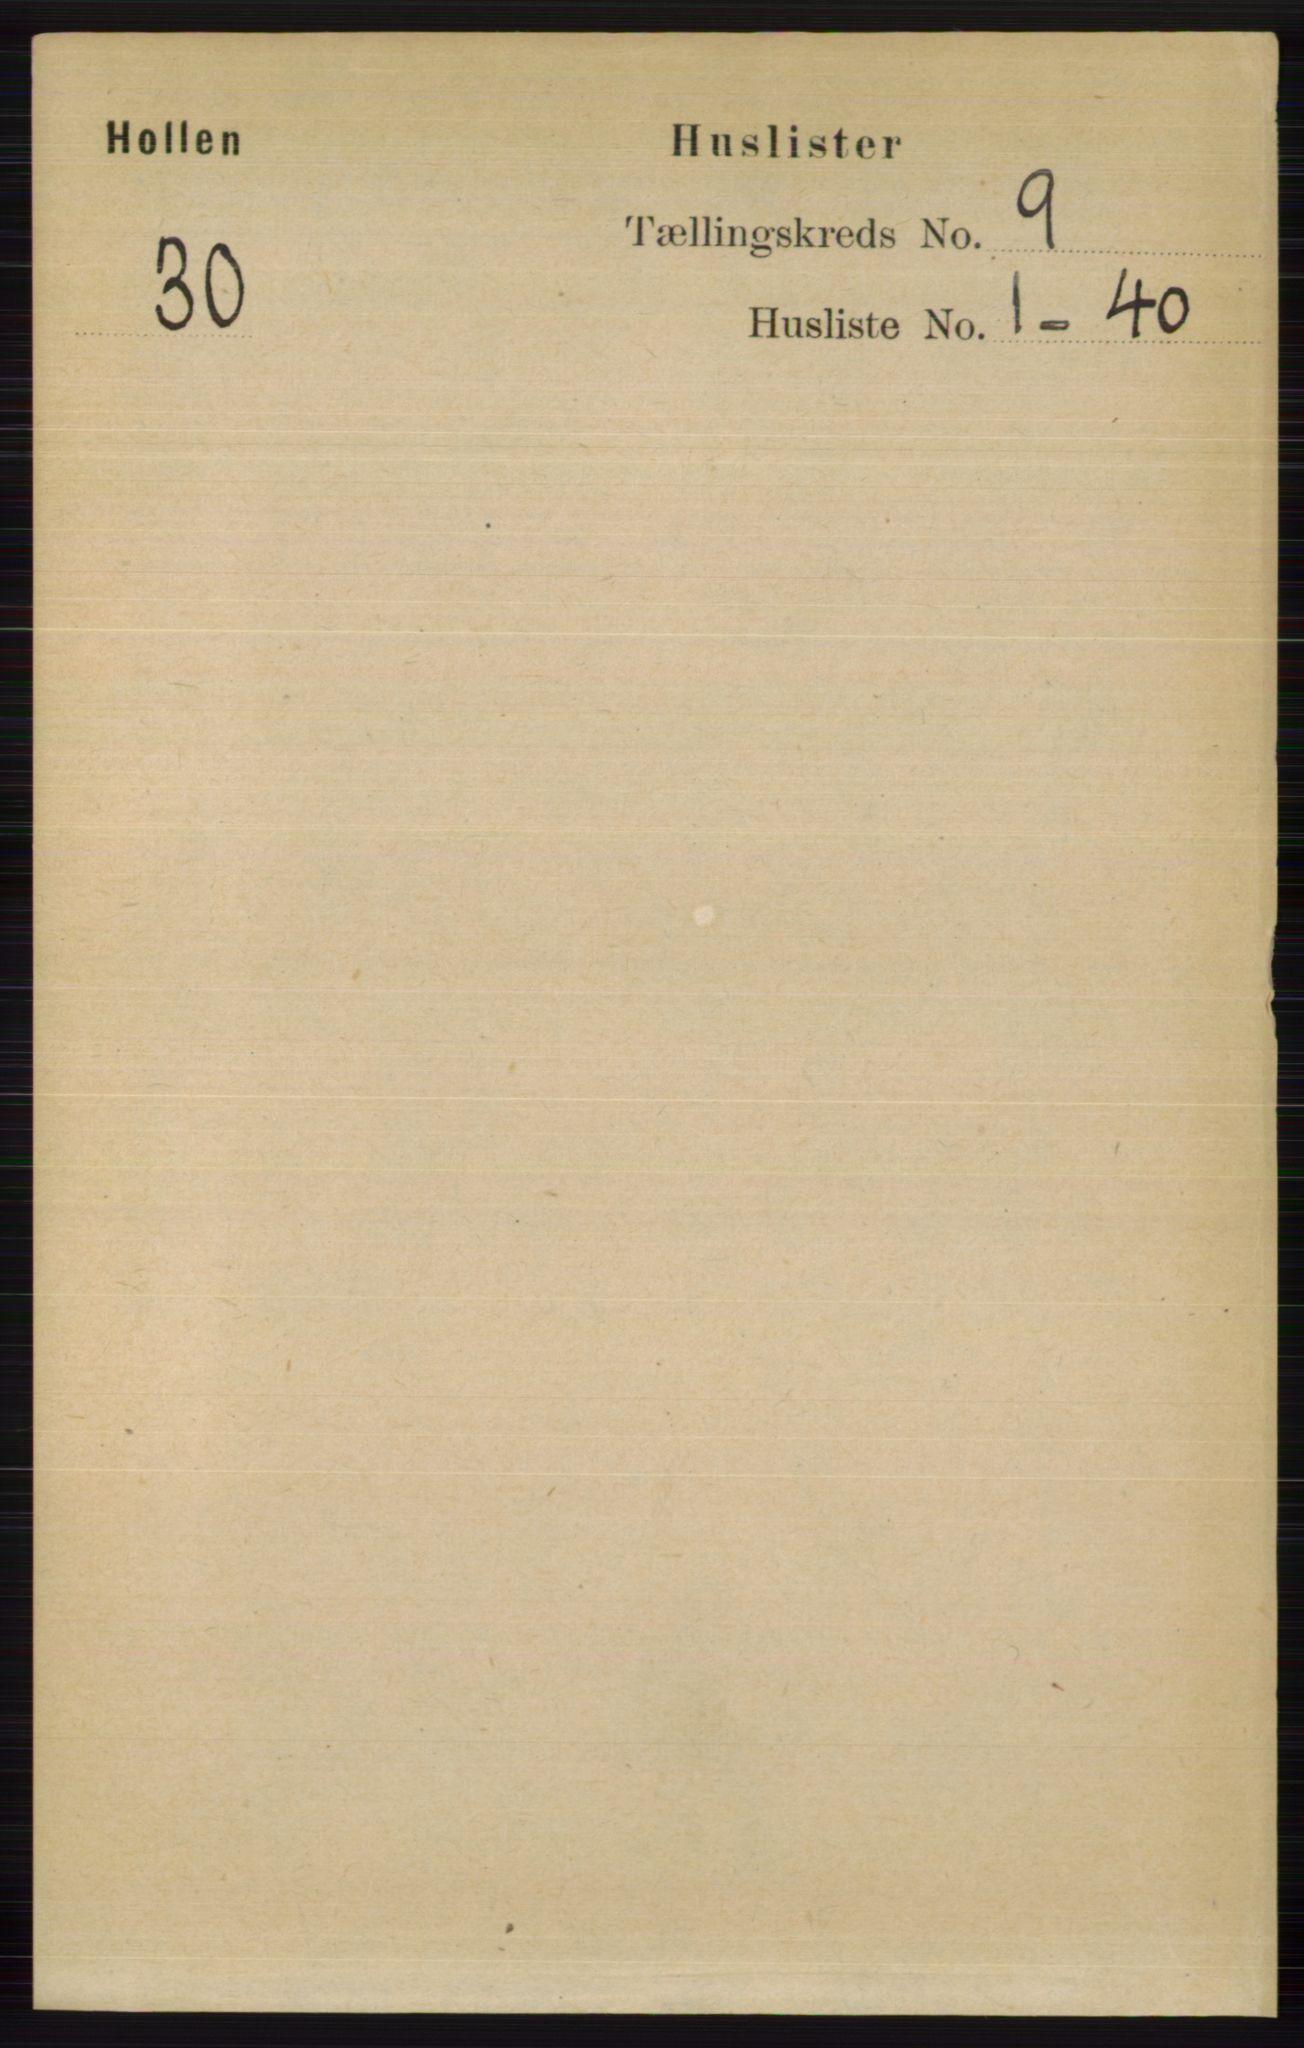 RA, Folketelling 1891 for 0819 Holla herred, 1891, s. 4047